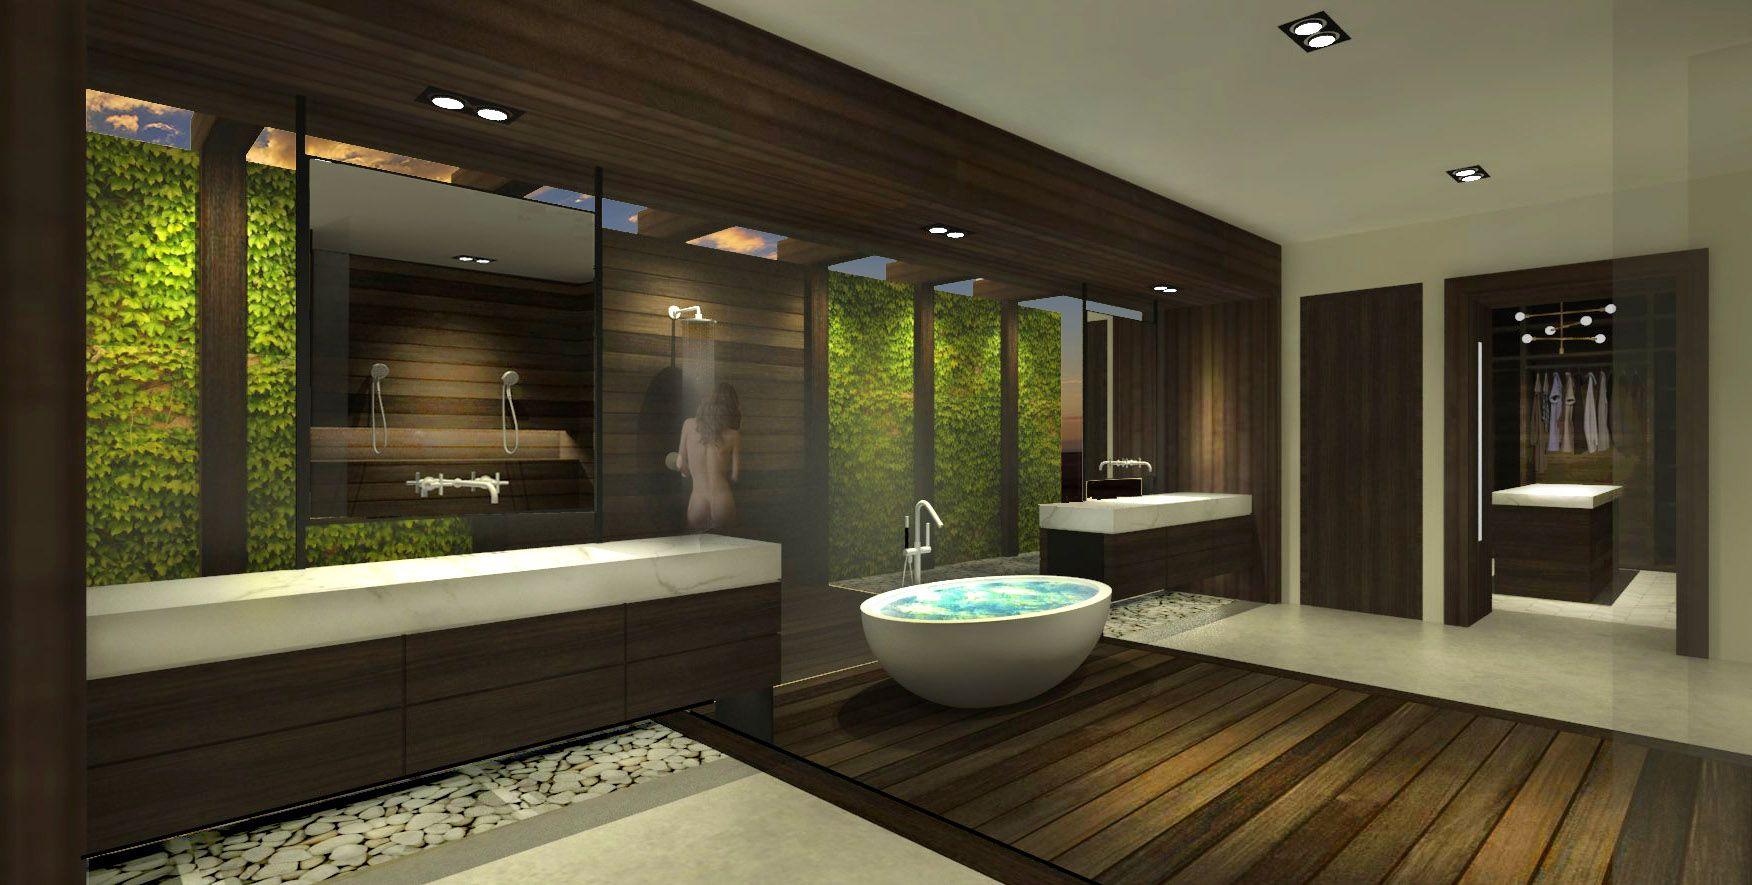 Casa blanca by petermax luxury master bath floating vanity